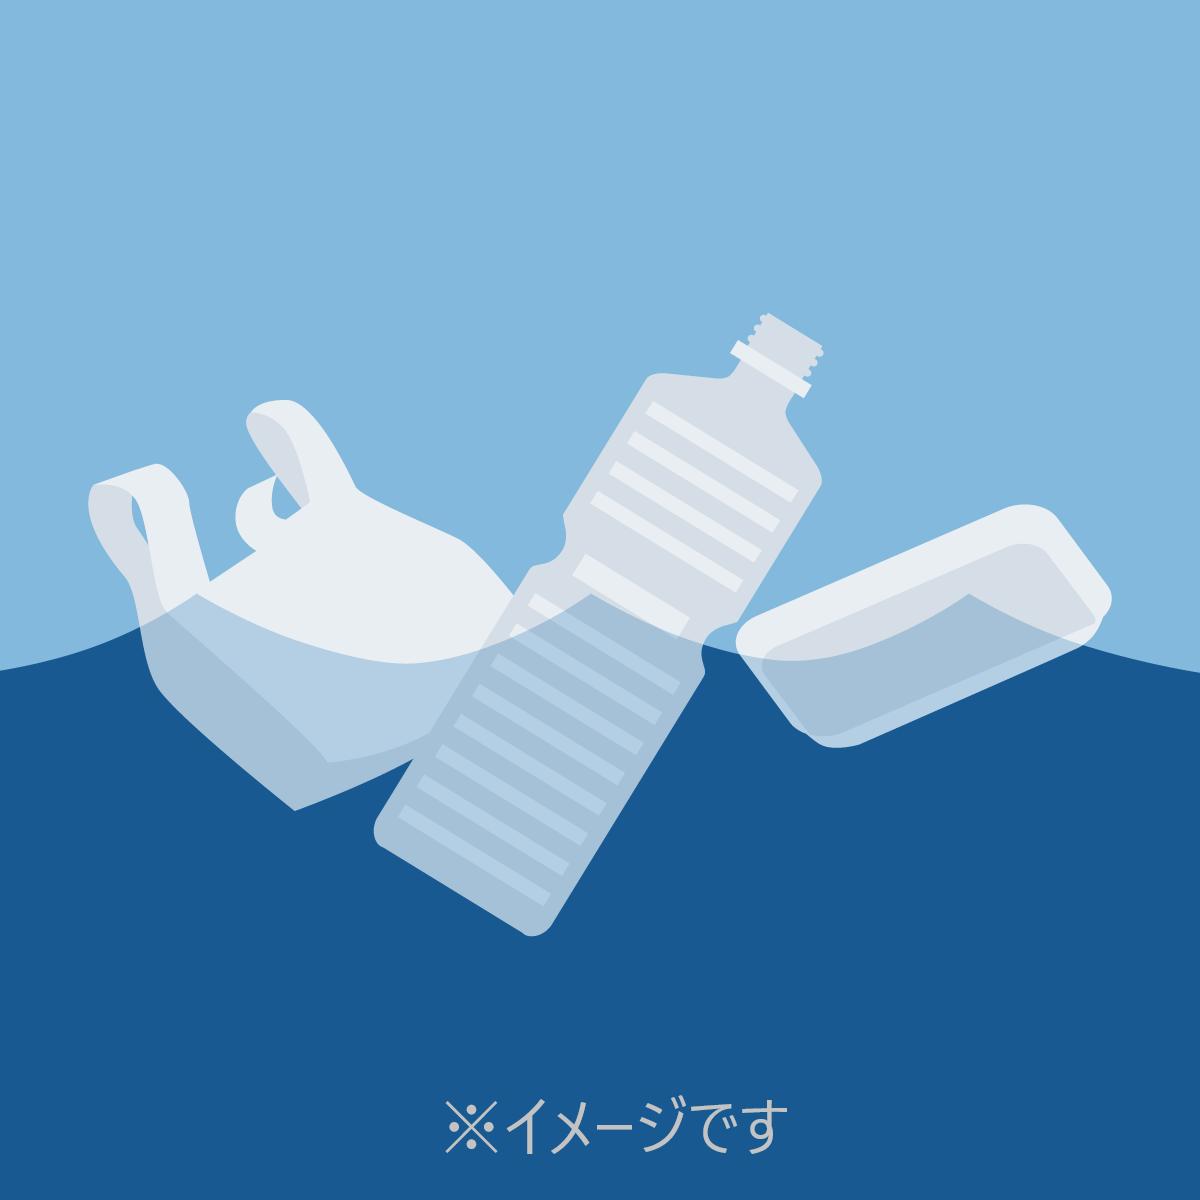 赤野井湾でプラスチックごみの実態把握調査が行われました